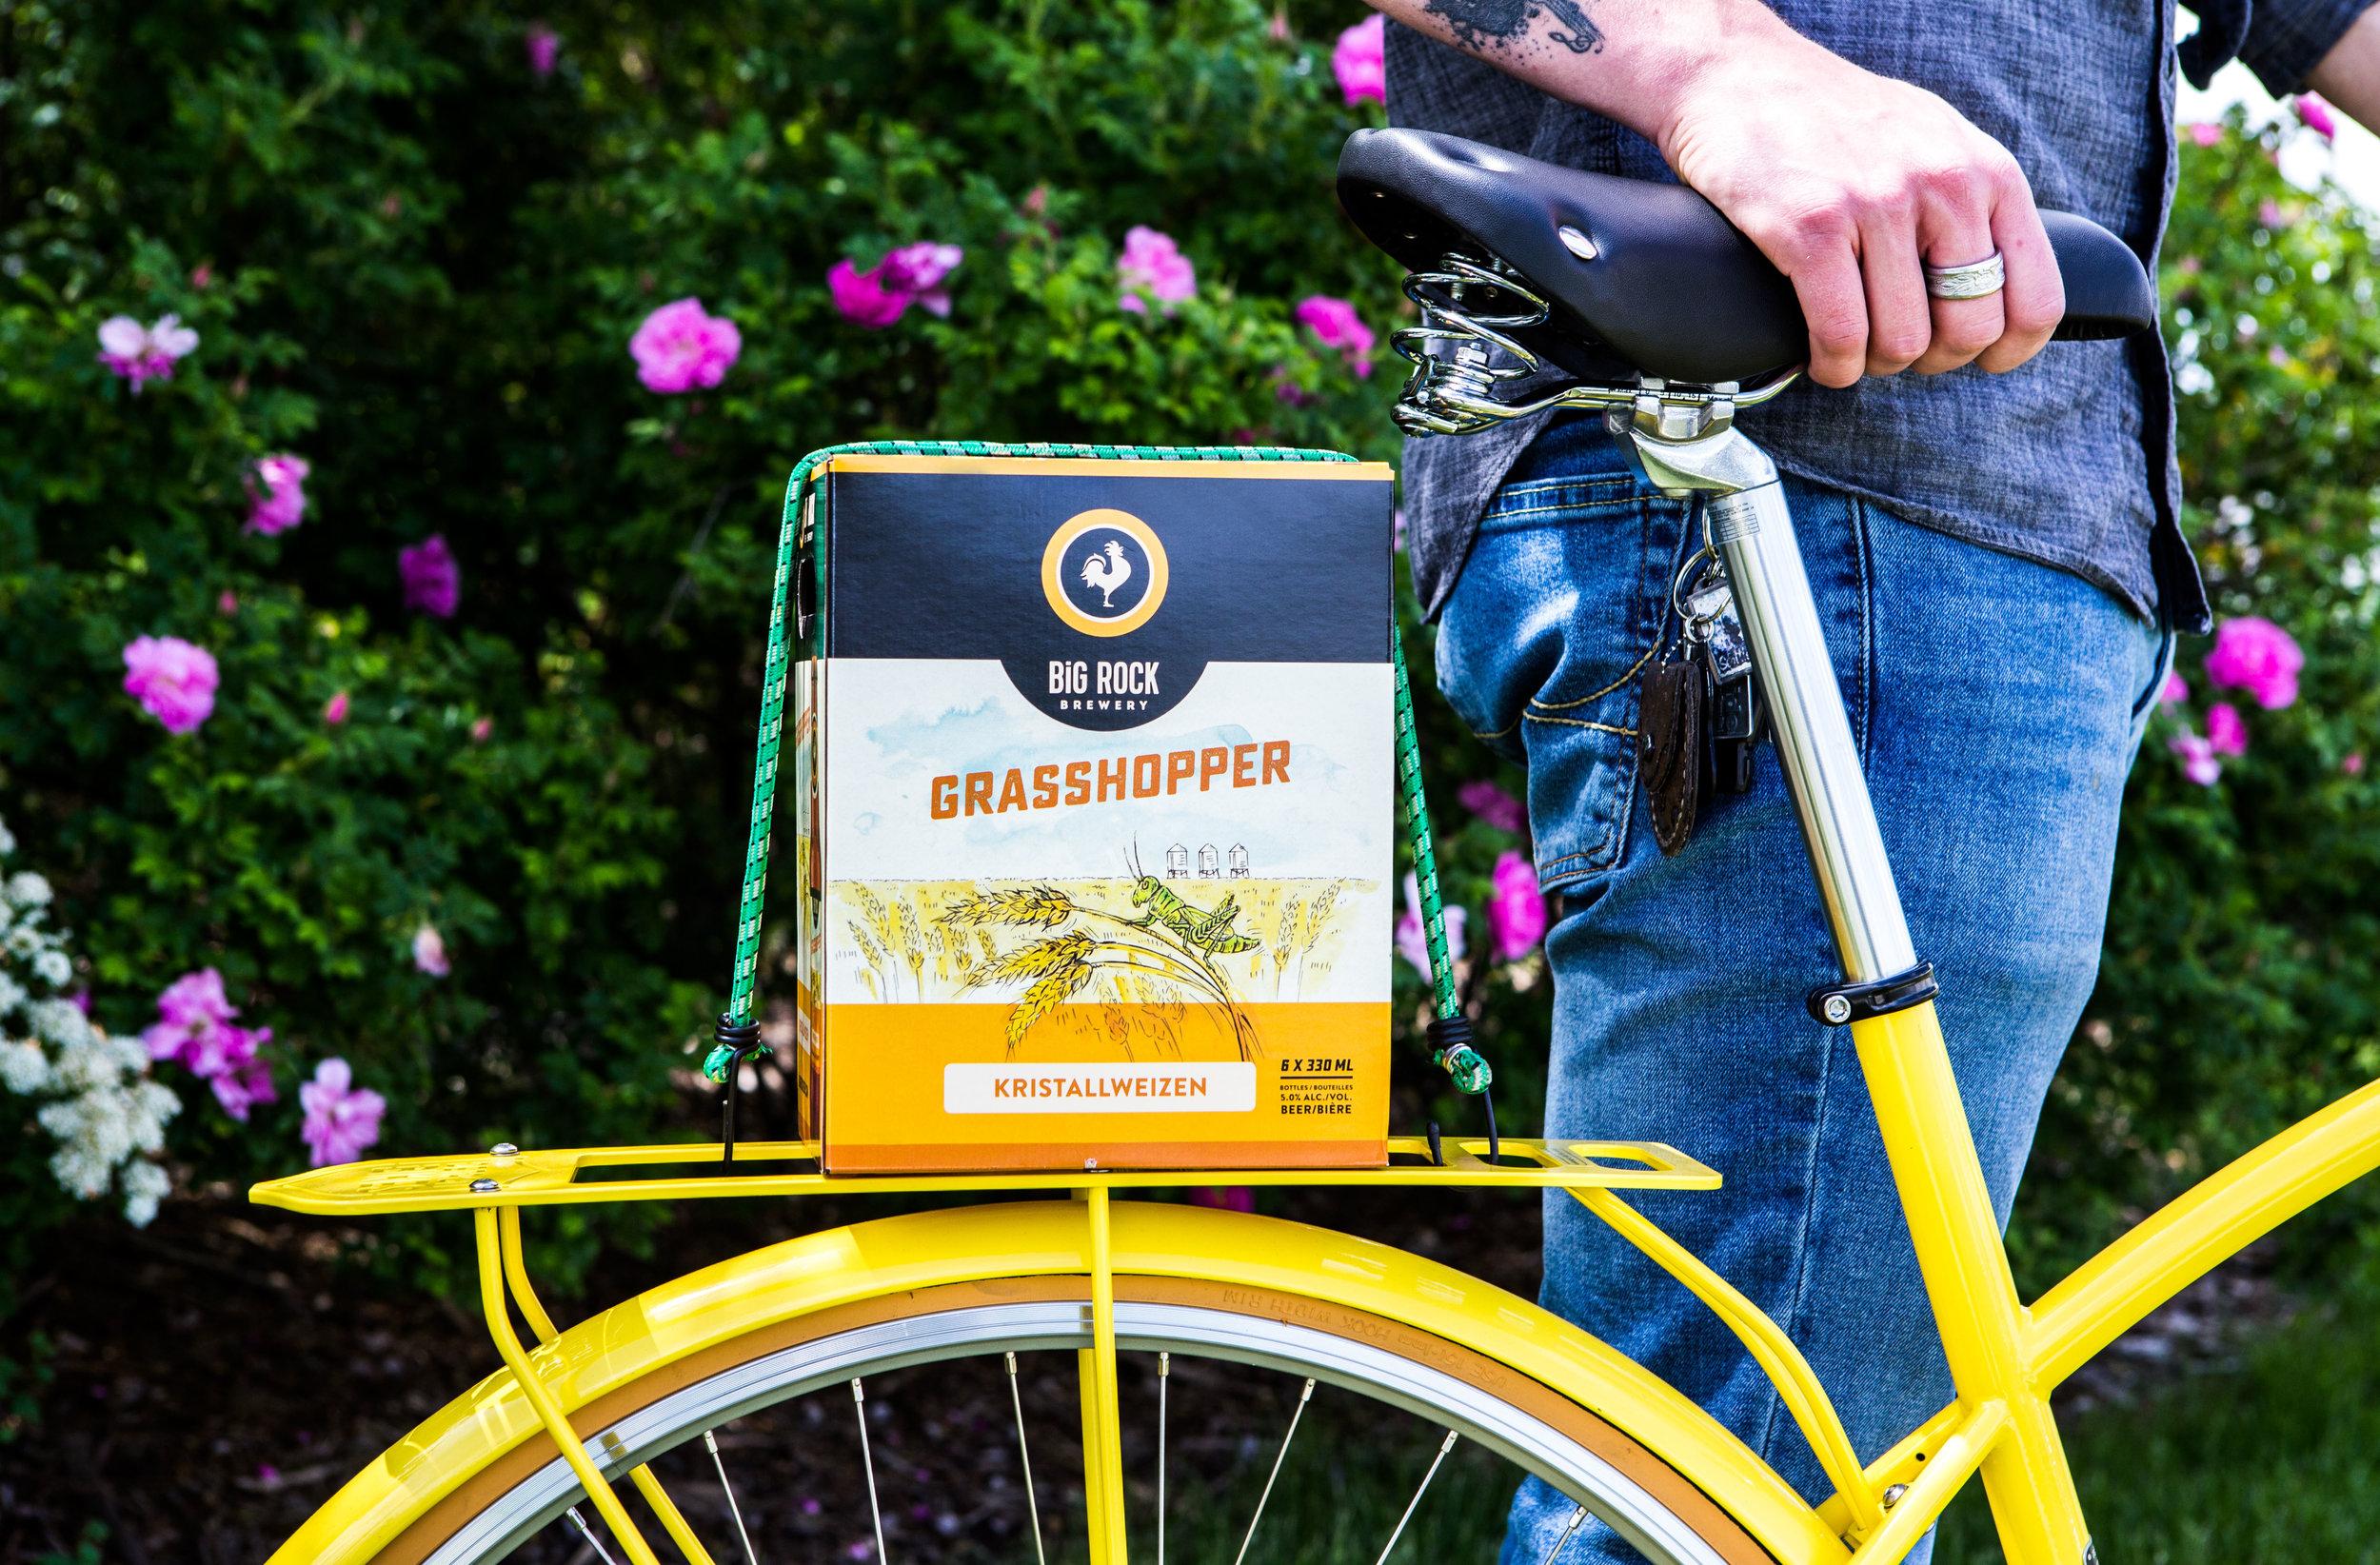 Grasshopper - Bike 1 edit - June 15.jpg